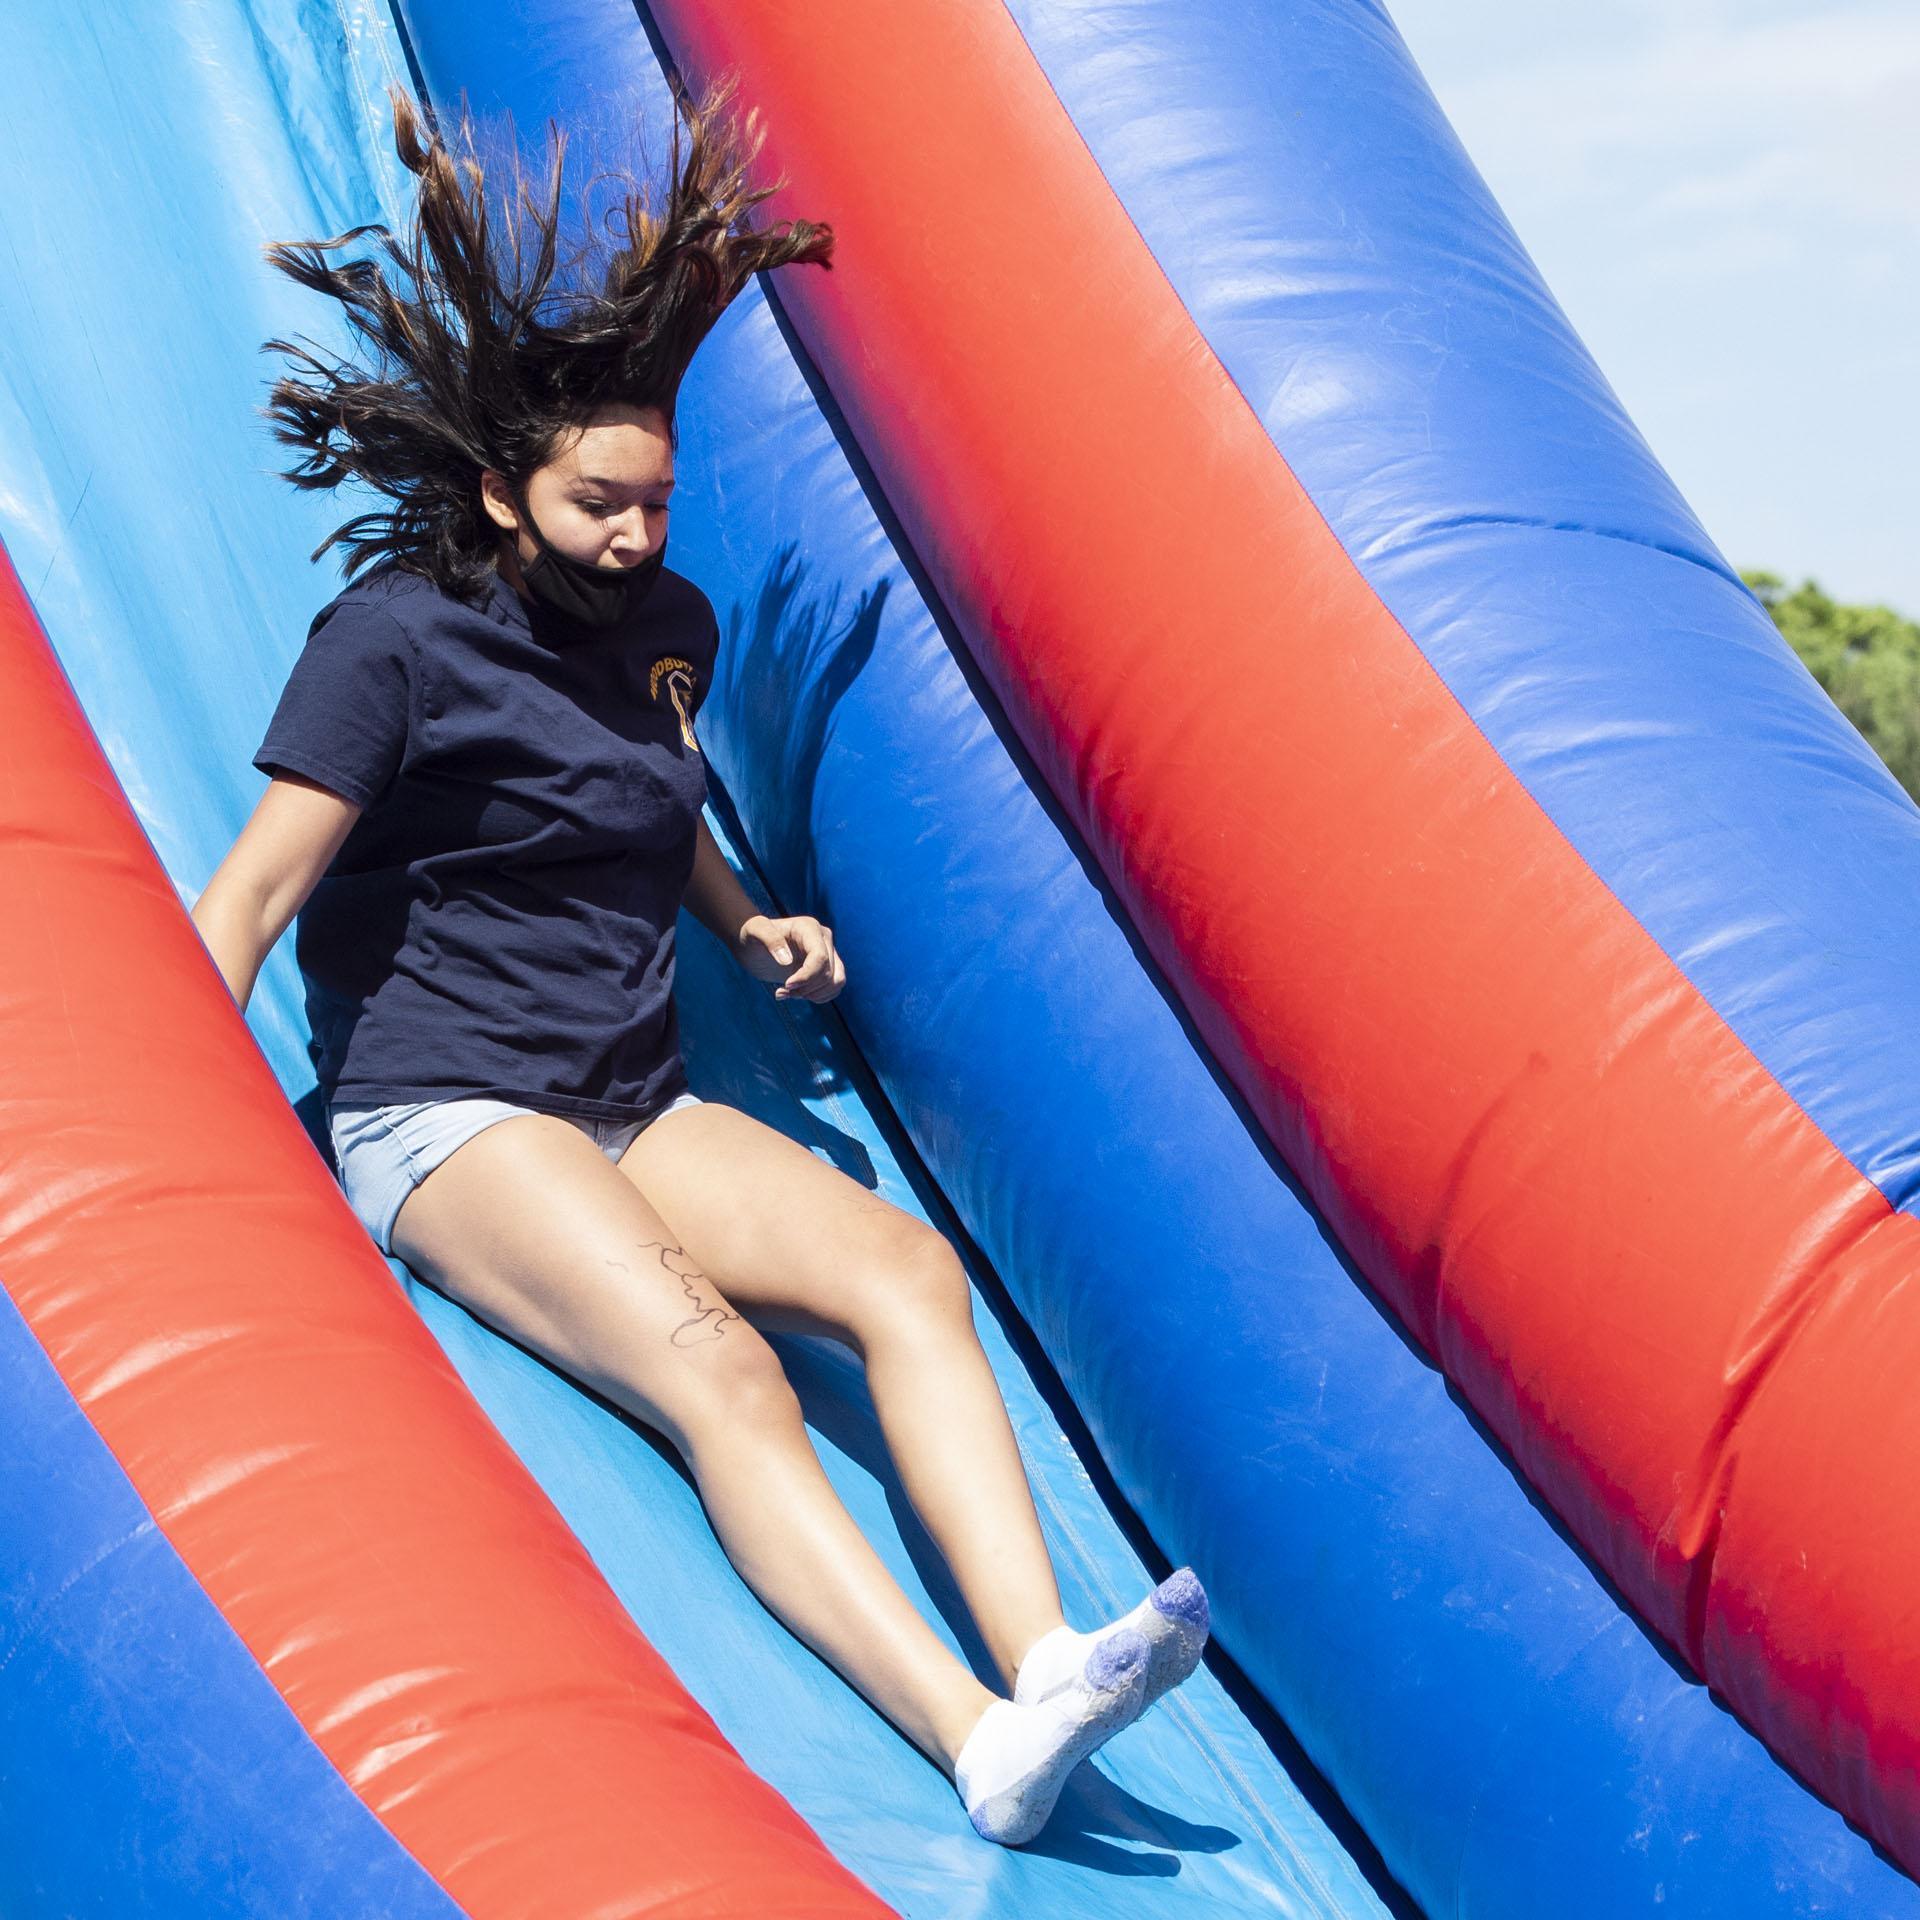 Student sliding down bouncy slide